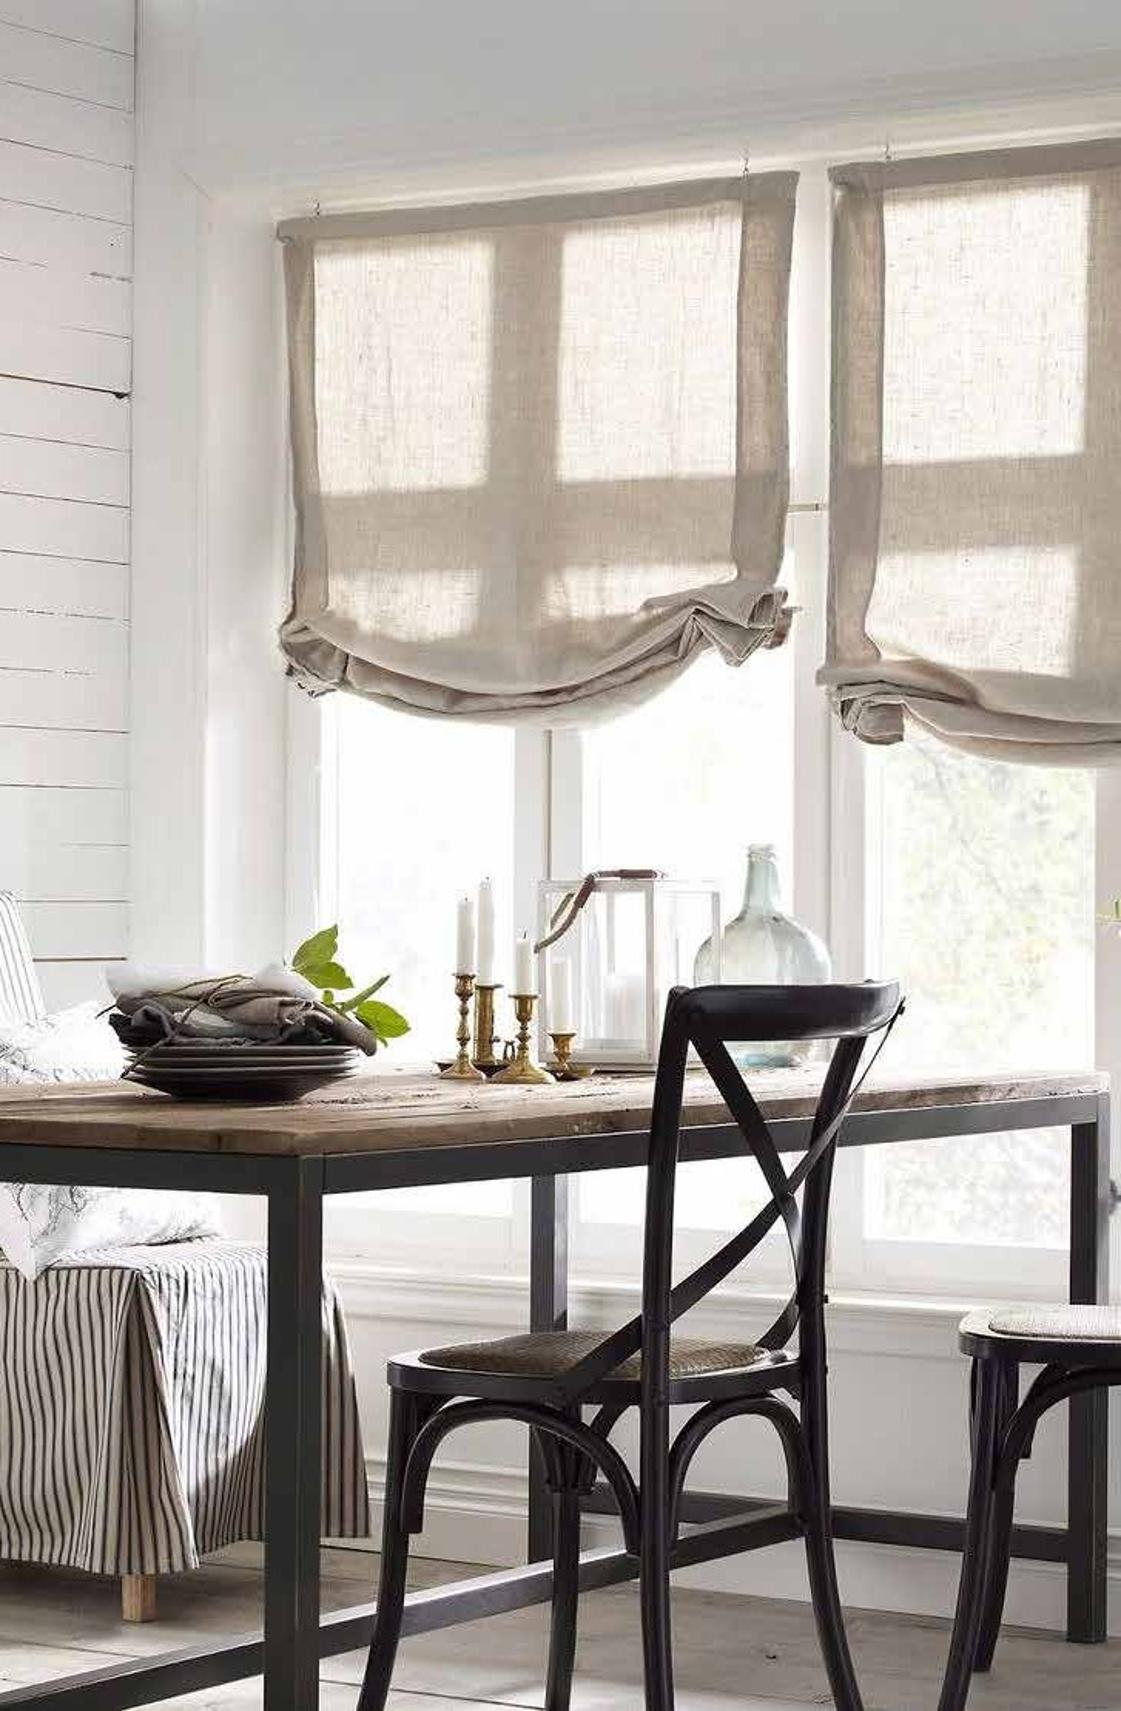 Modelli tendaggi modelli di mantovane per tende con pin for Mantovane per tende bagno